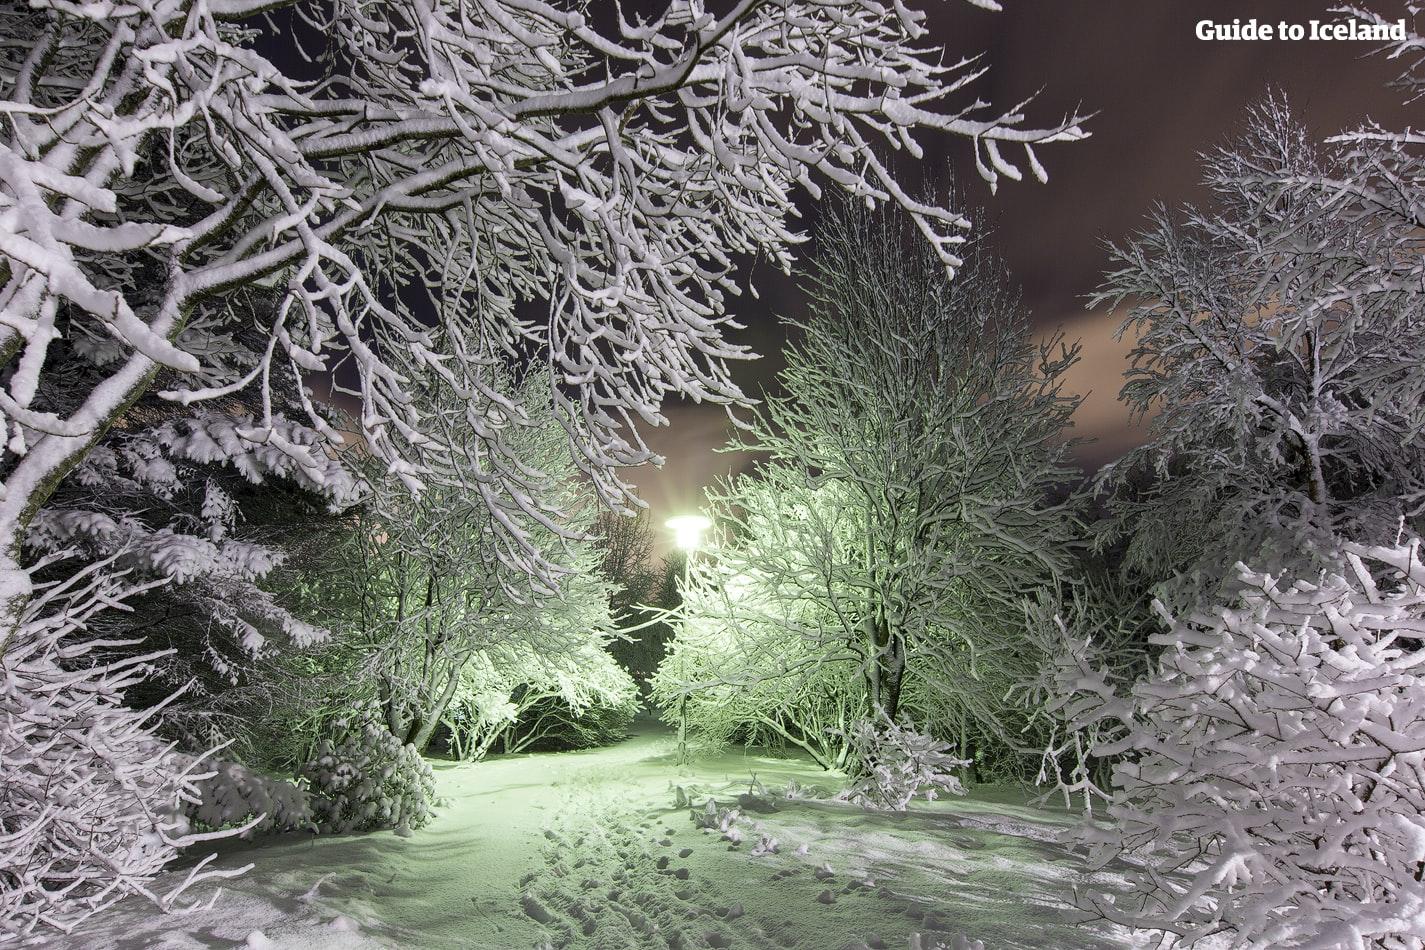 레이캬비크의 한겨울. 하얗게 눈꽃이 피었습니다.